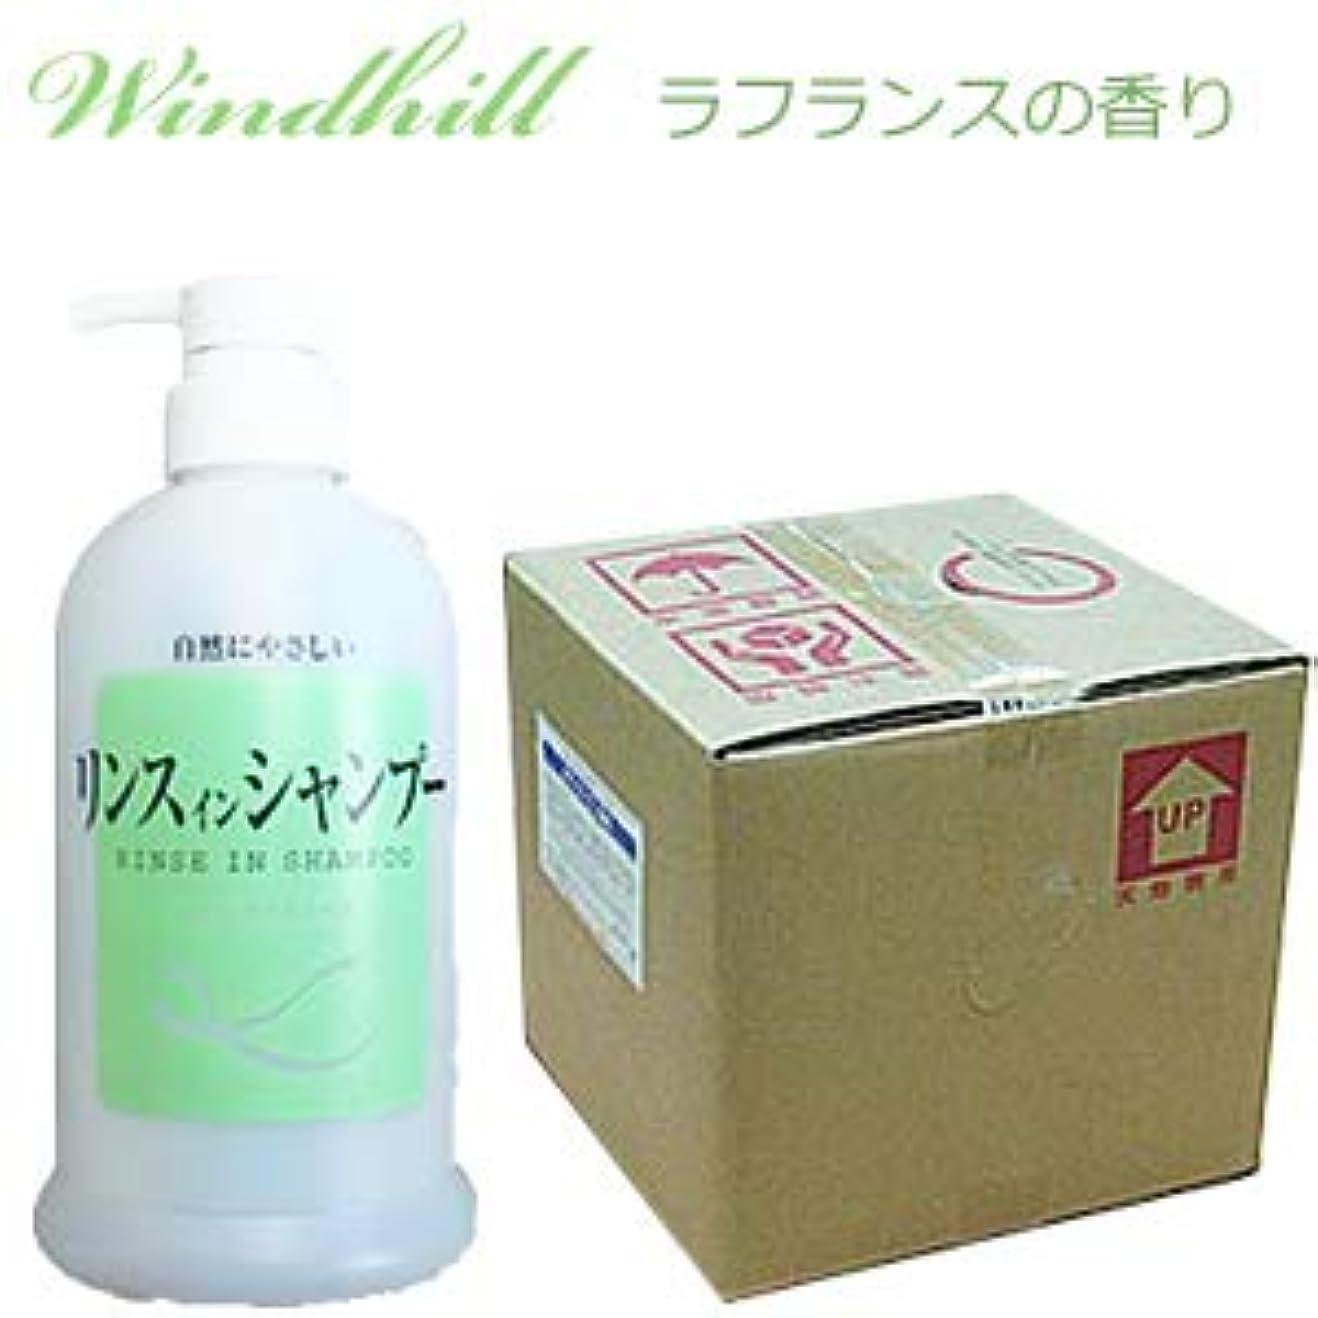 探す平手打ち皮肉500ml当り173円 Windhill 植物性 業務用 リンスイン シャンプー 爽やかなラフランスの香り 20L